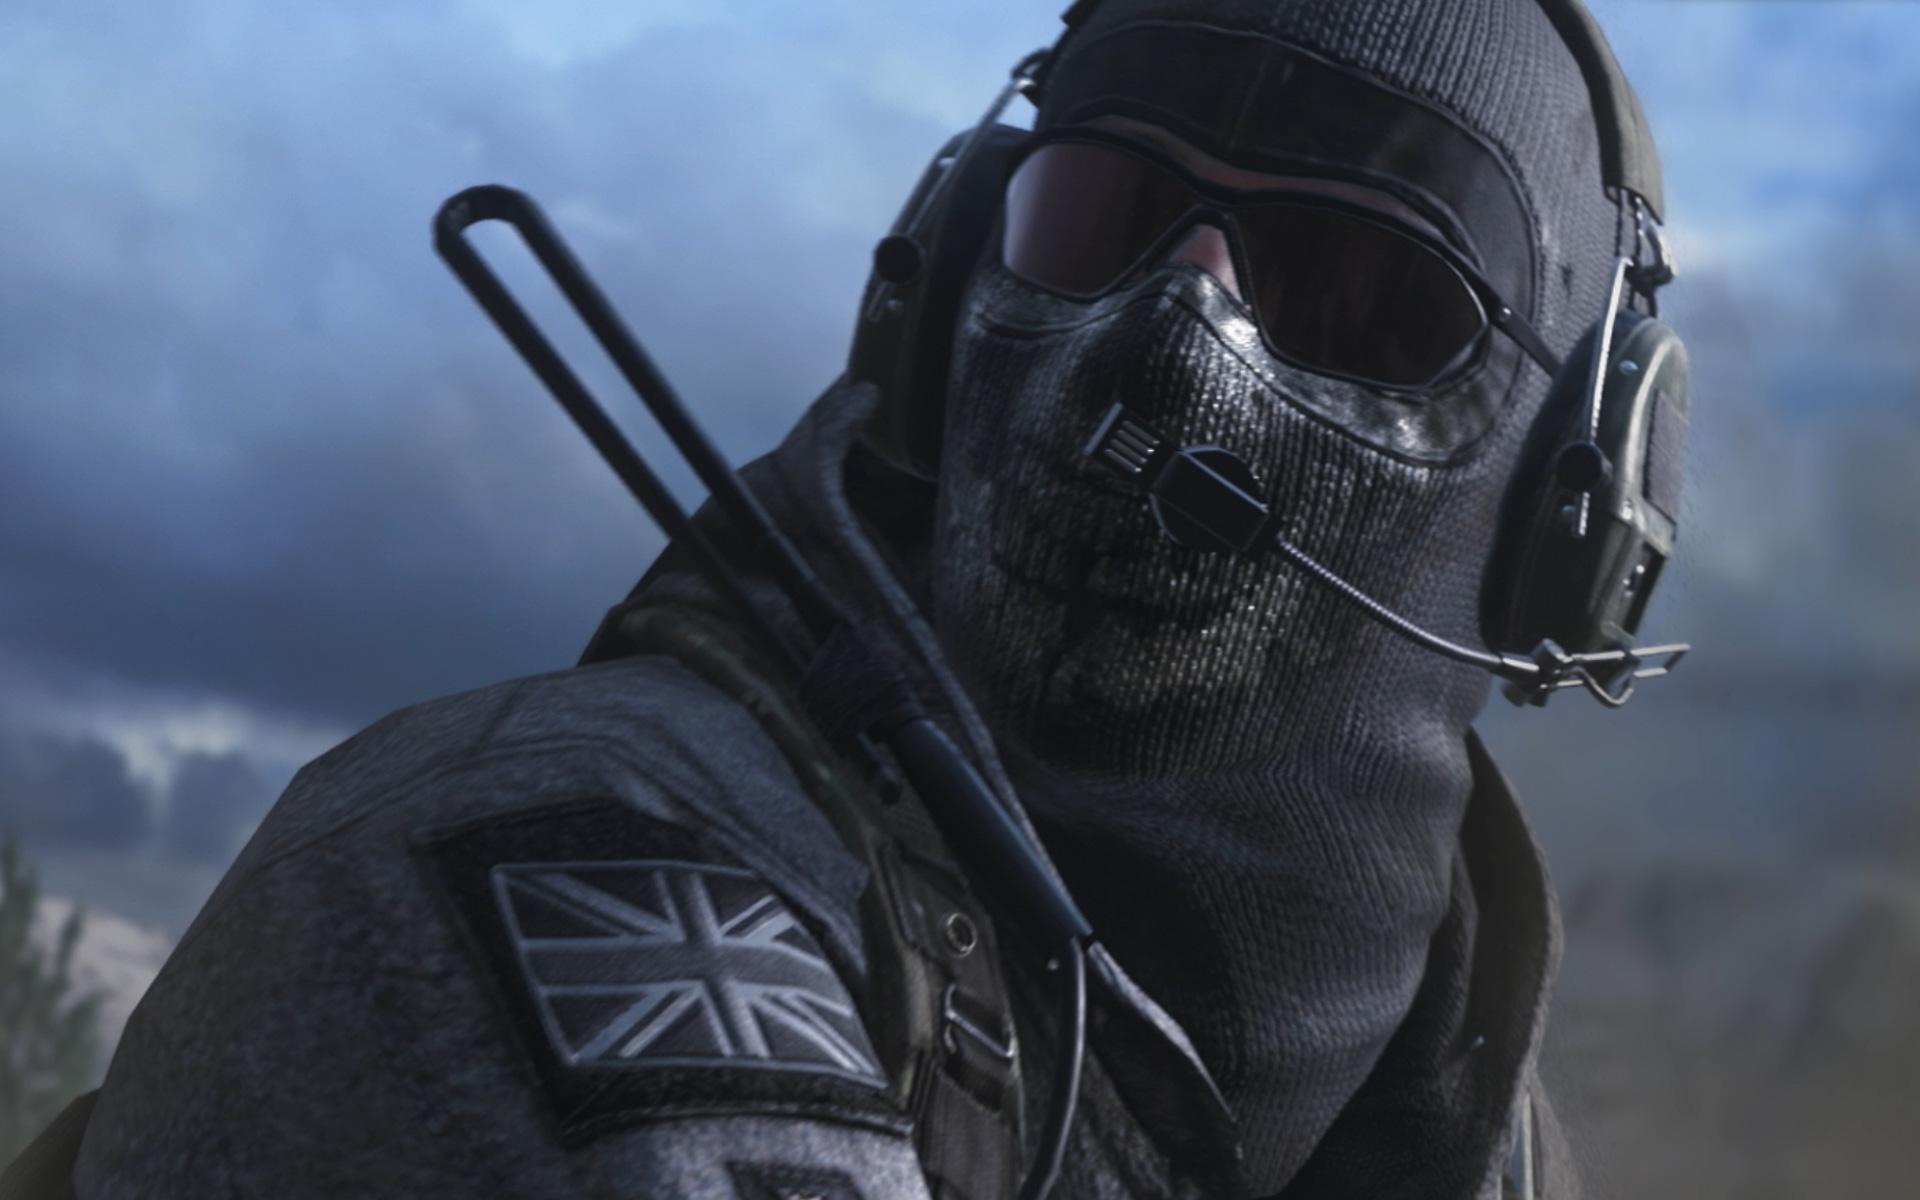 Call of Duty: Modern Warfare 2 Wallpaper in 1920x1200